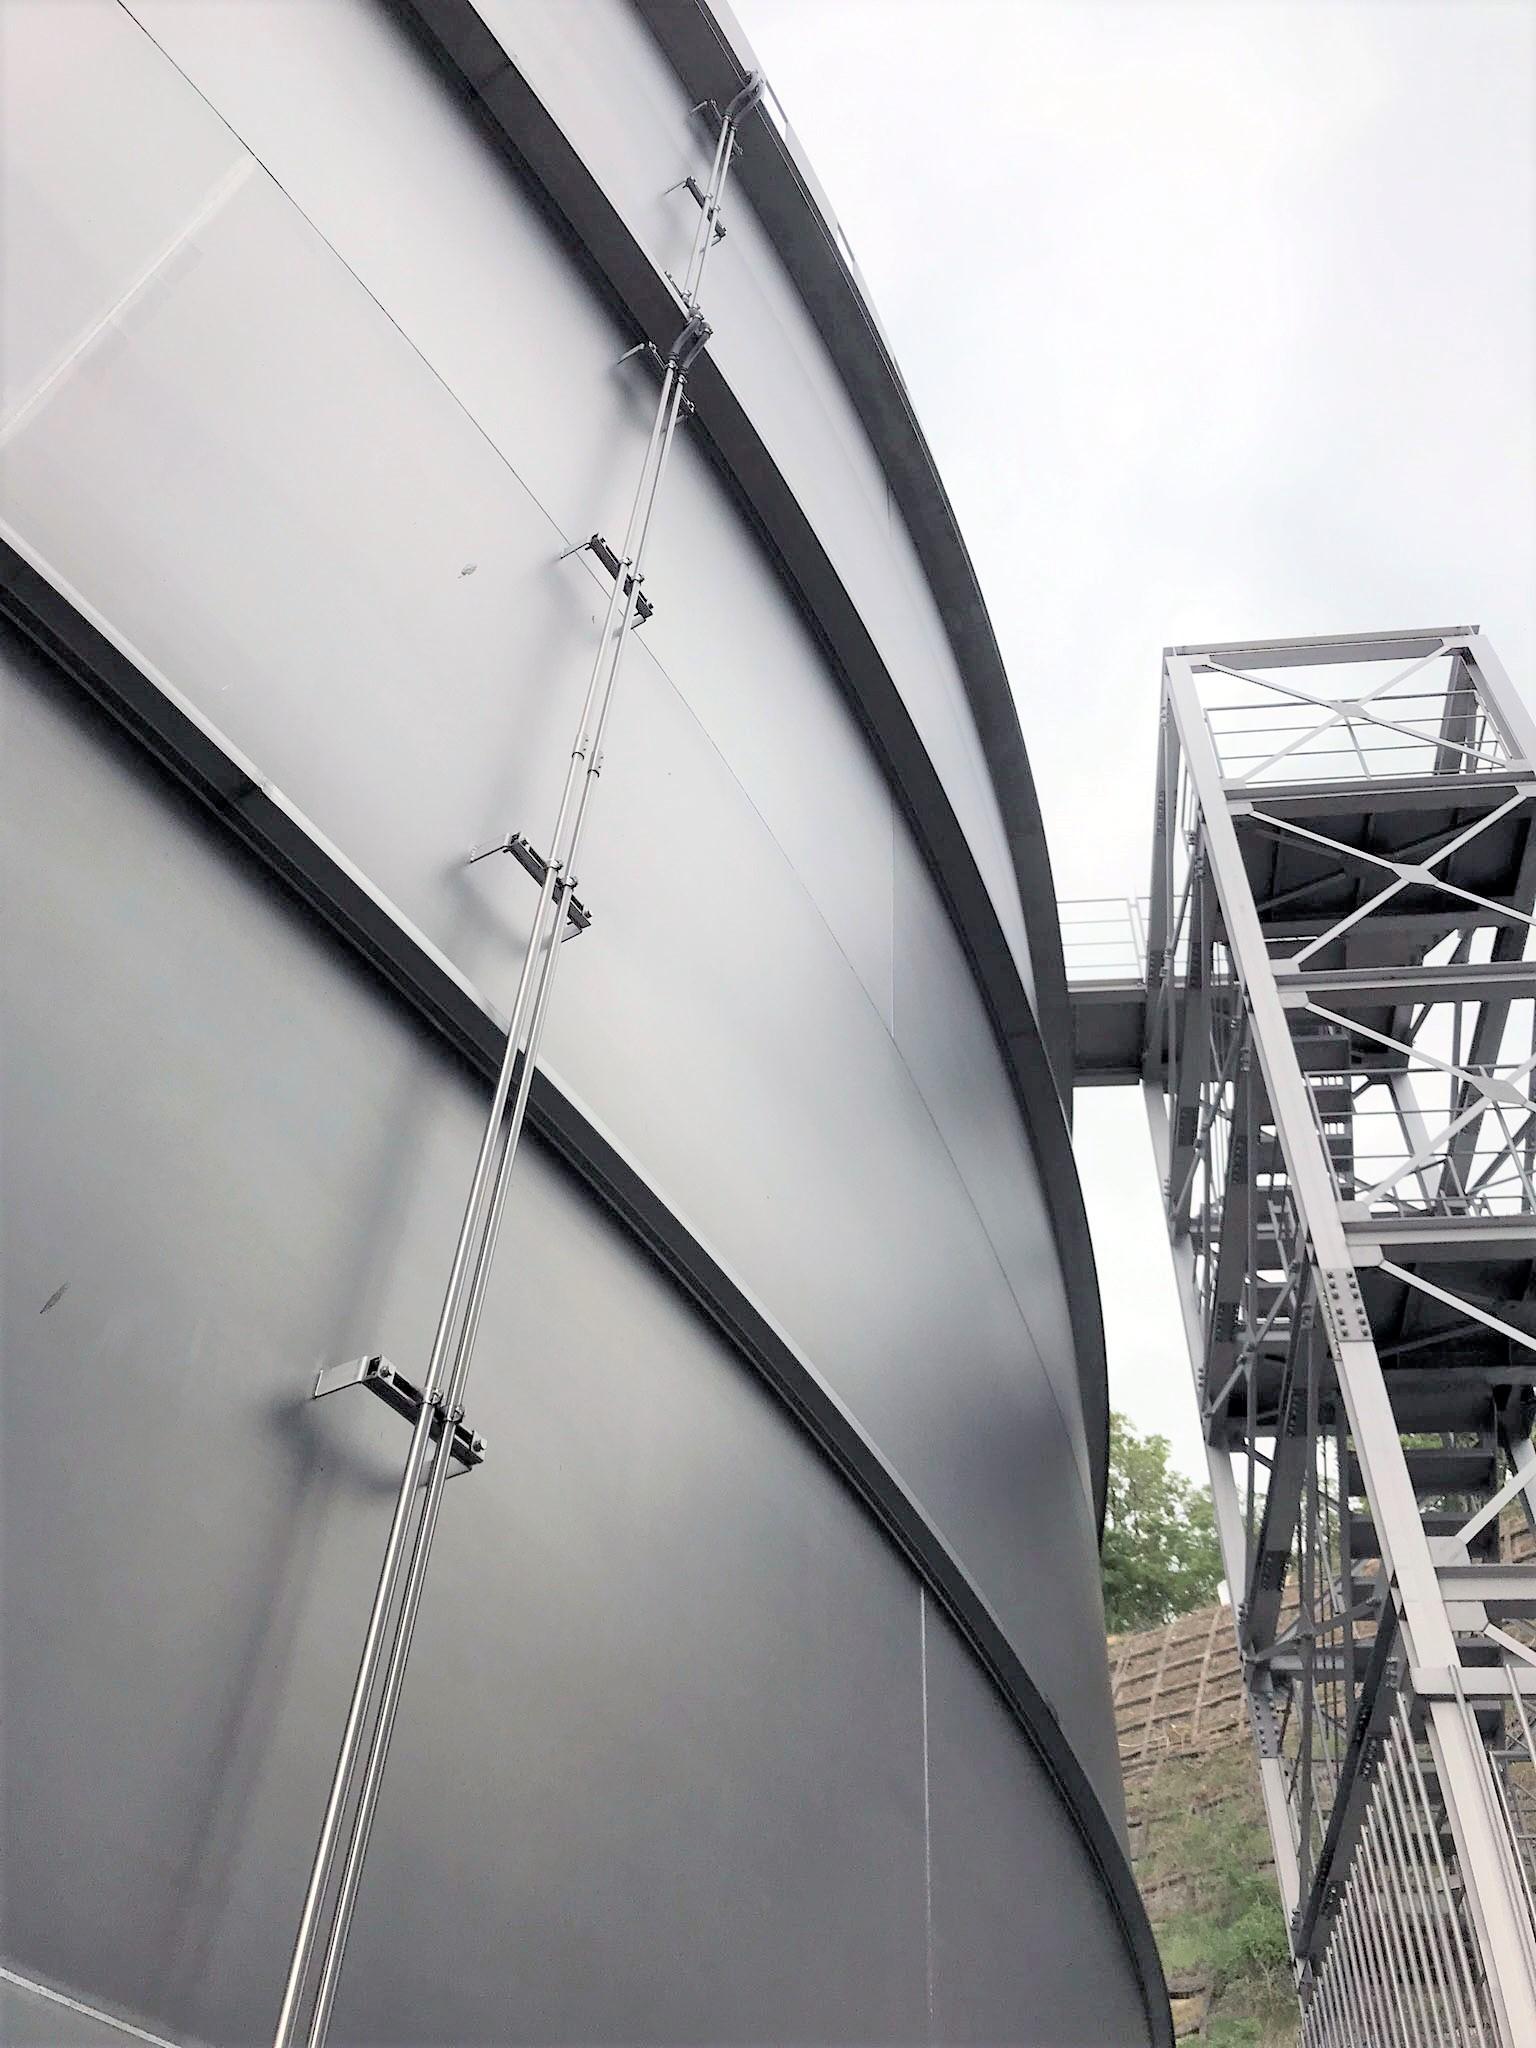 配水池電気計装設備  国内最大規模の円形ステンレス配水池の電気計装設備工事を施工しました。